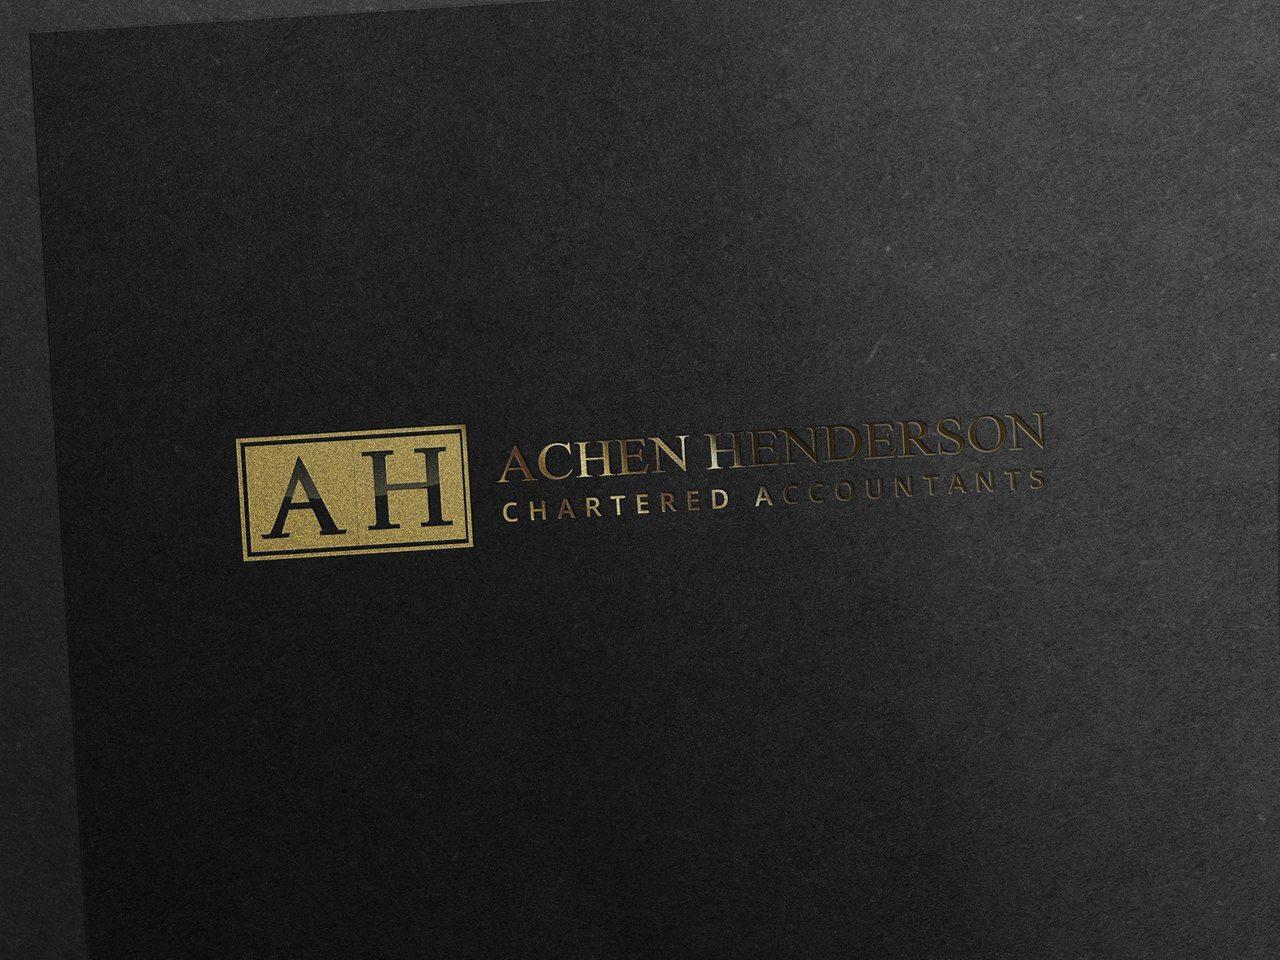 Achen Henderson Logo Design